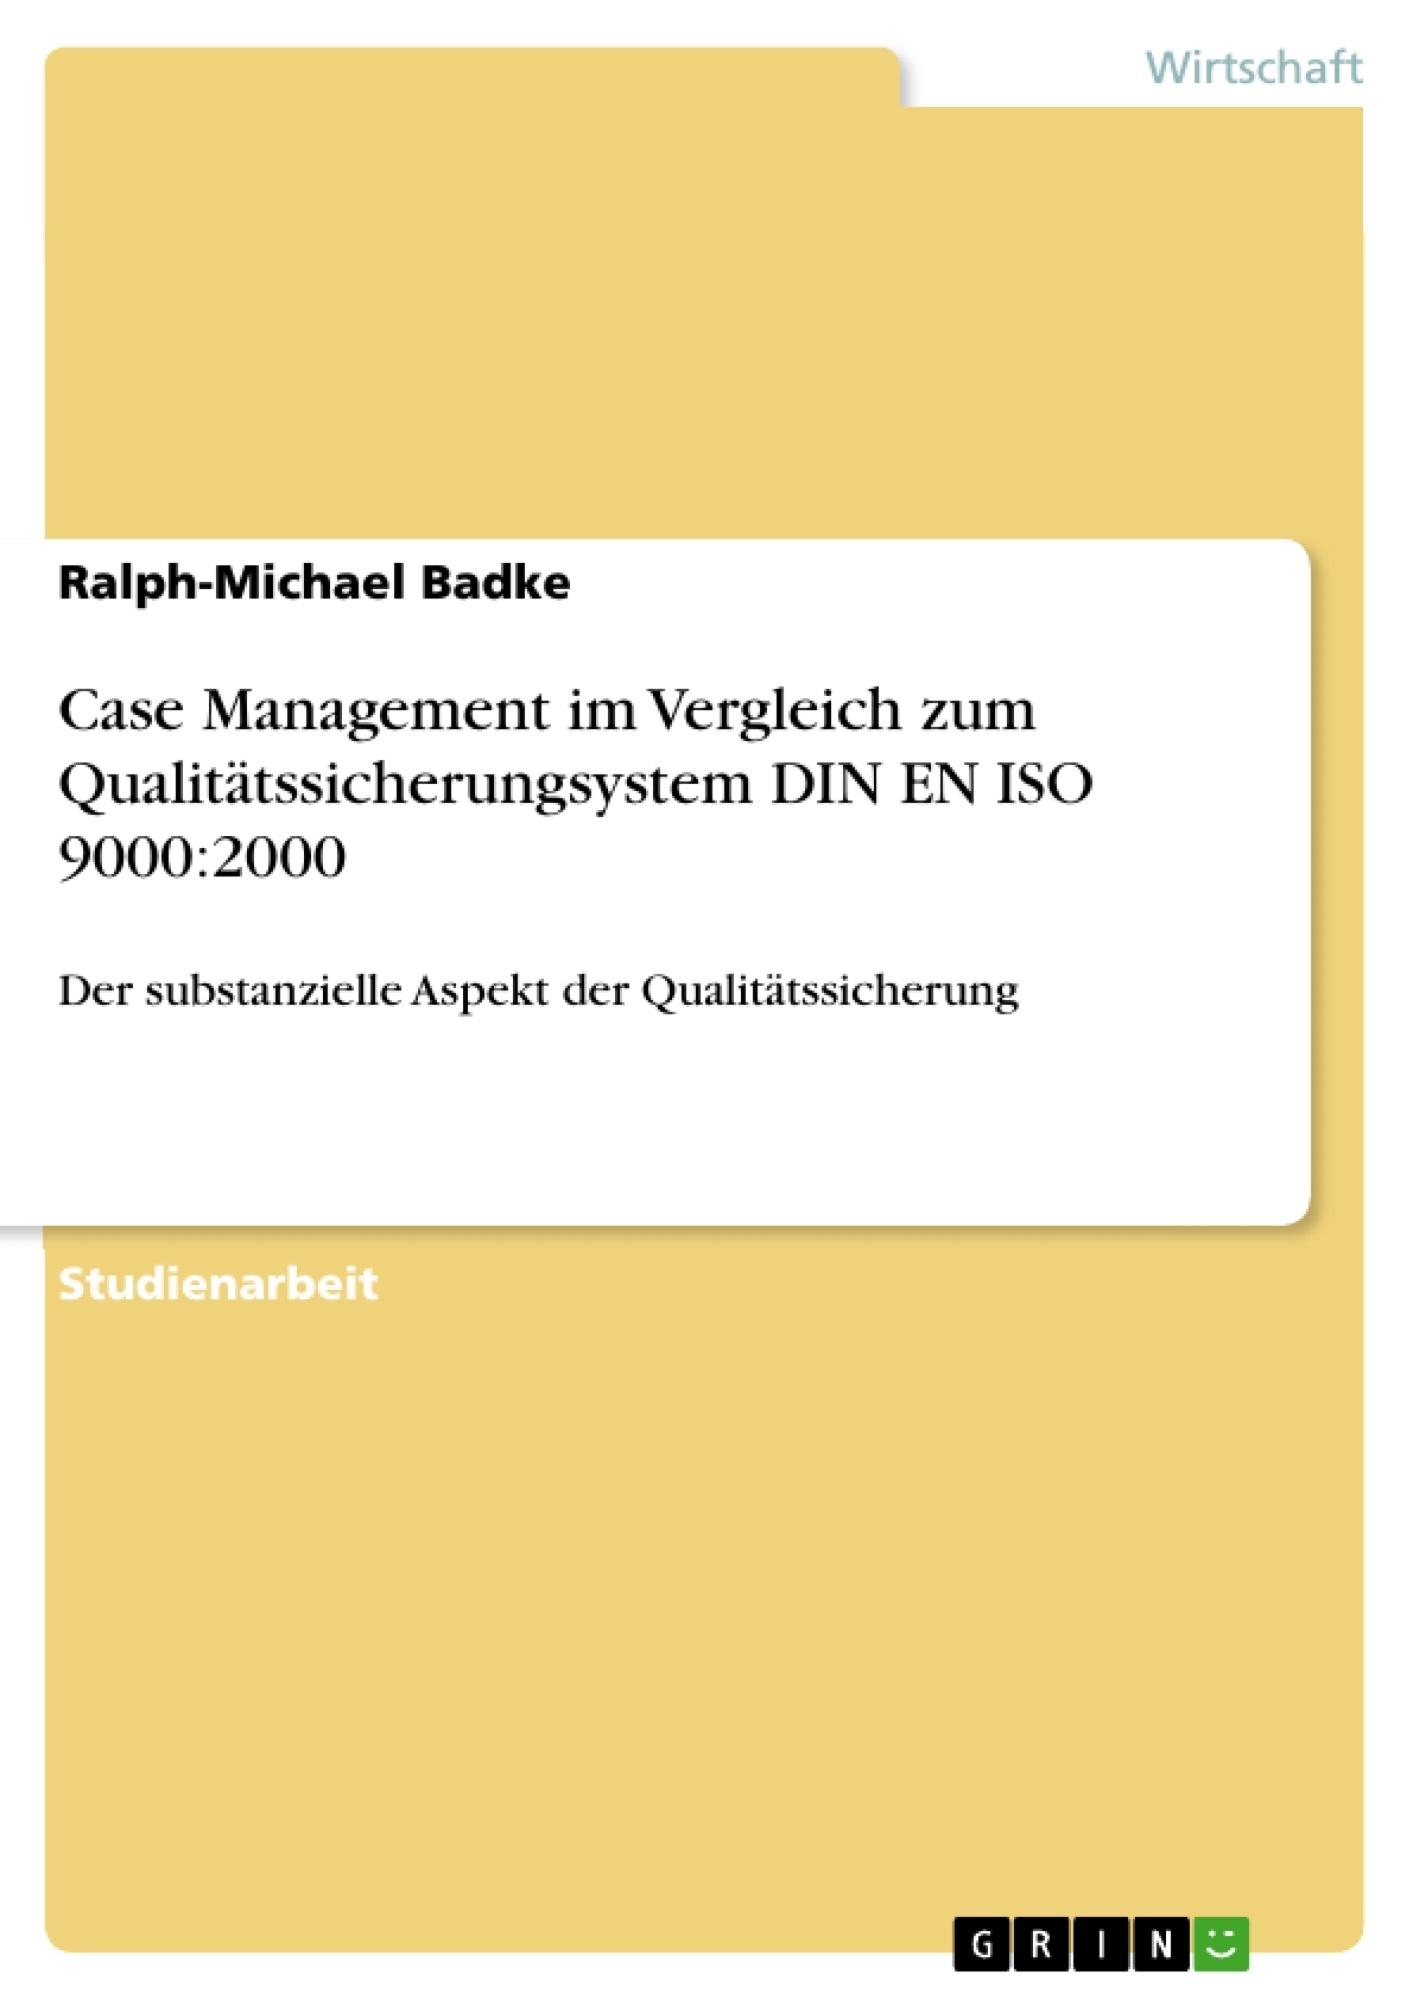 Titel: Case Management im Vergleich zum Qualitätssicherungsystem DIN EN ISO 9000:2000